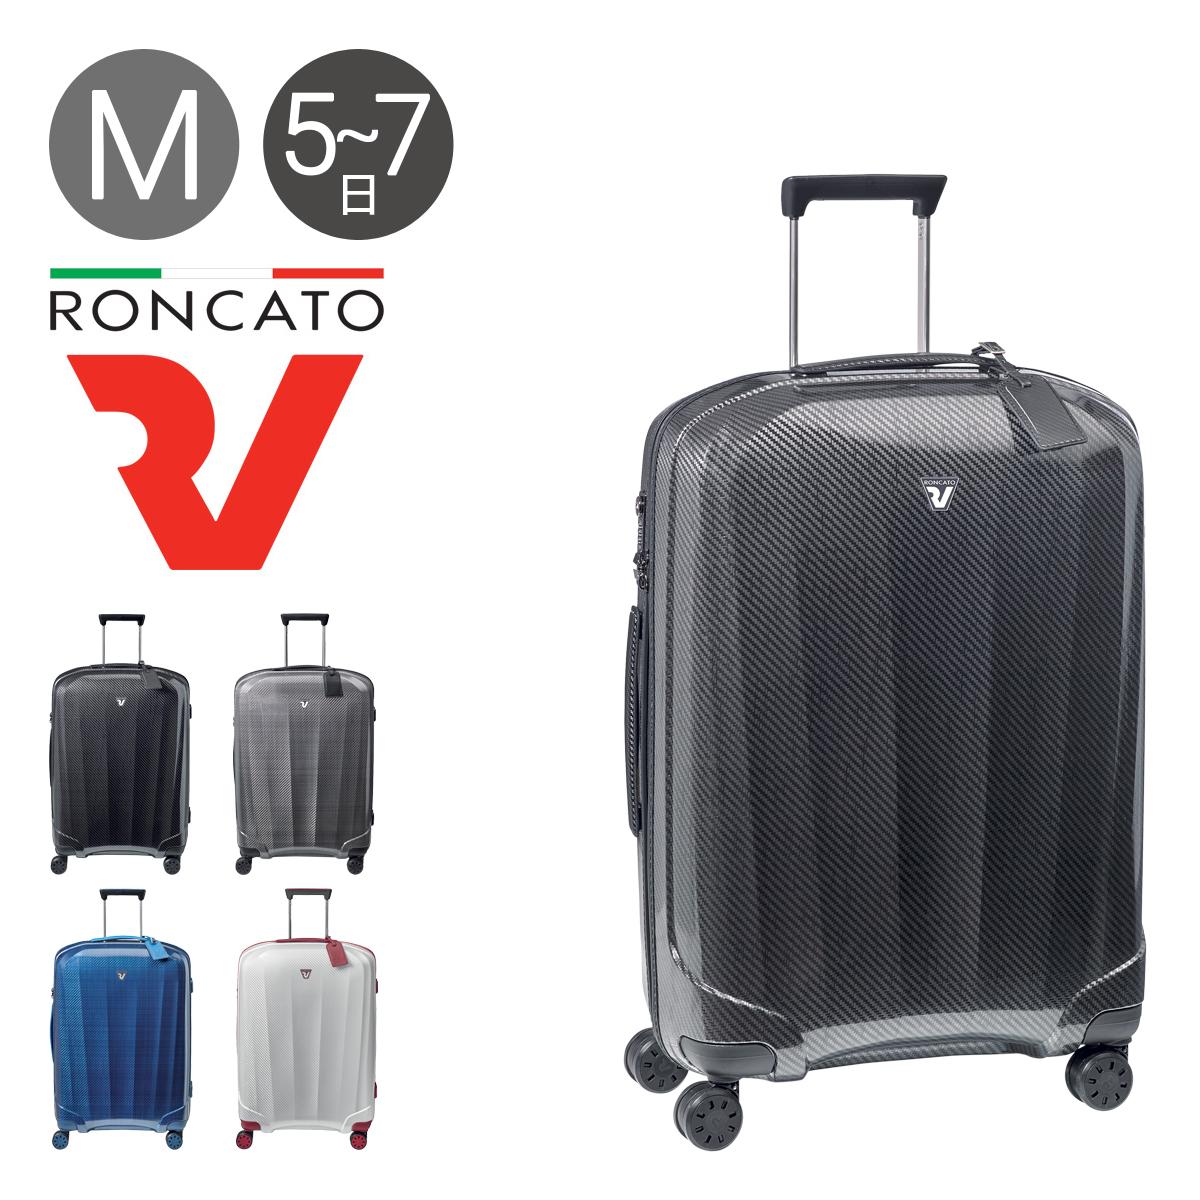 ロンカ-ト スーツケース 70L 64cm 2.7kg ウイアー 5952 イタリア製 RONCATO WE ARE ハード ファスナー キャリーバッグ キャリーケース 軽量 TSAロック搭載[PO10]